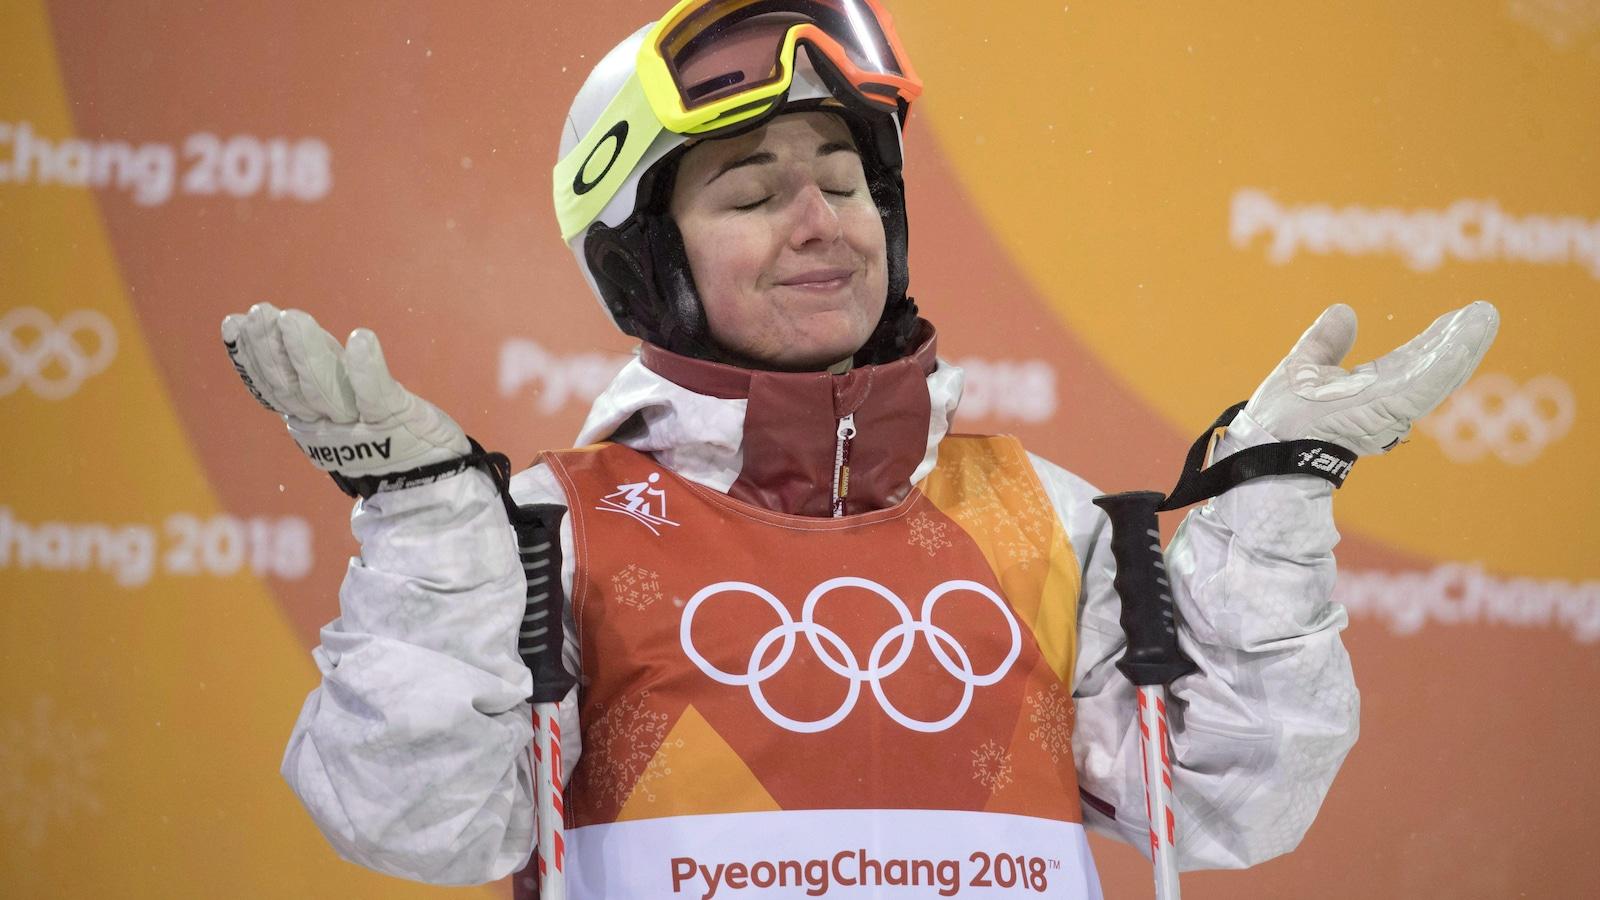 La Canadienne Andi Naude à l'épreuve des bosses aux Jeux olympiques de Pyeongchang, en Corée.